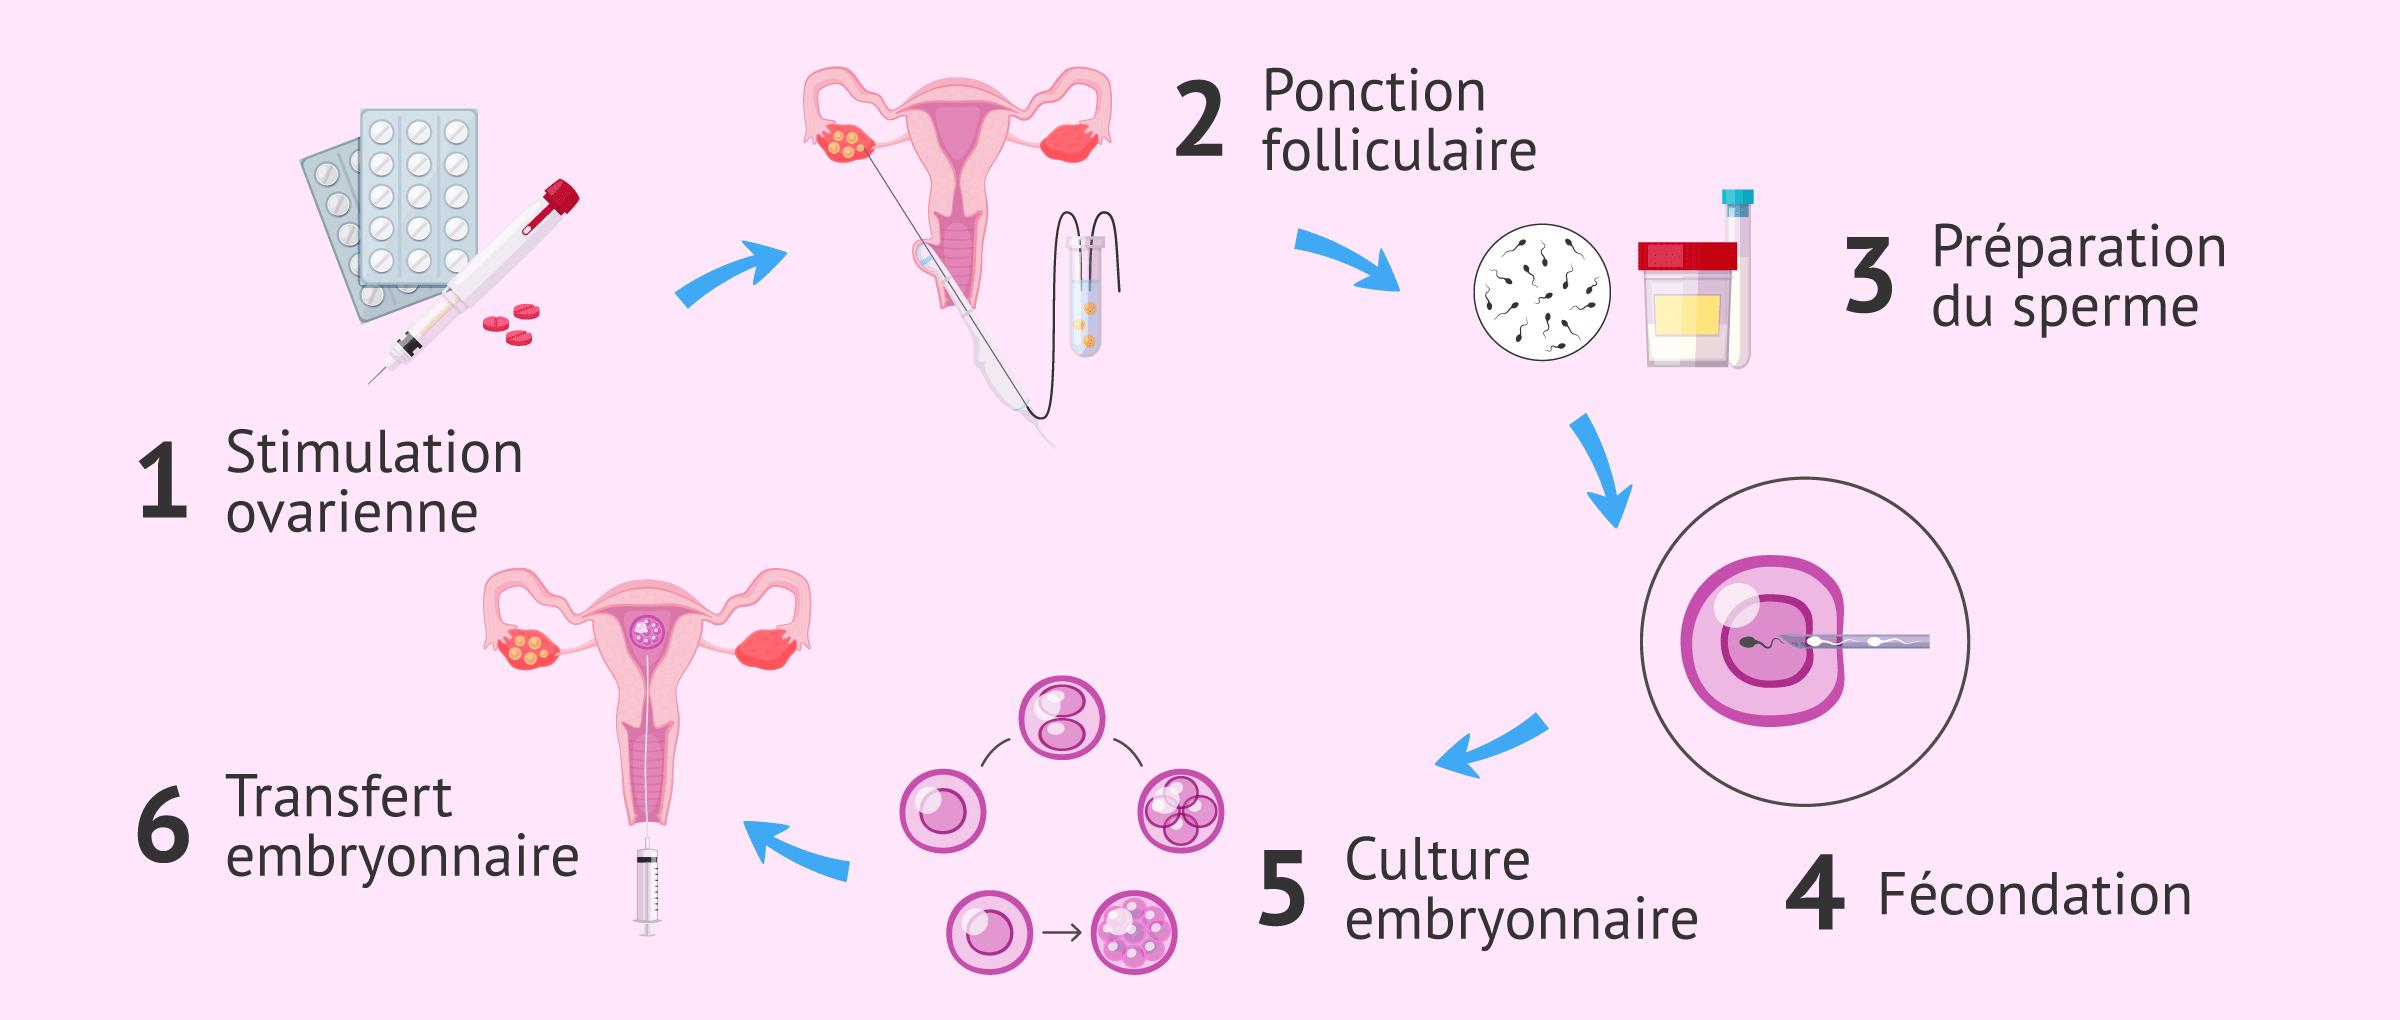 Processus de fécondation in vitro